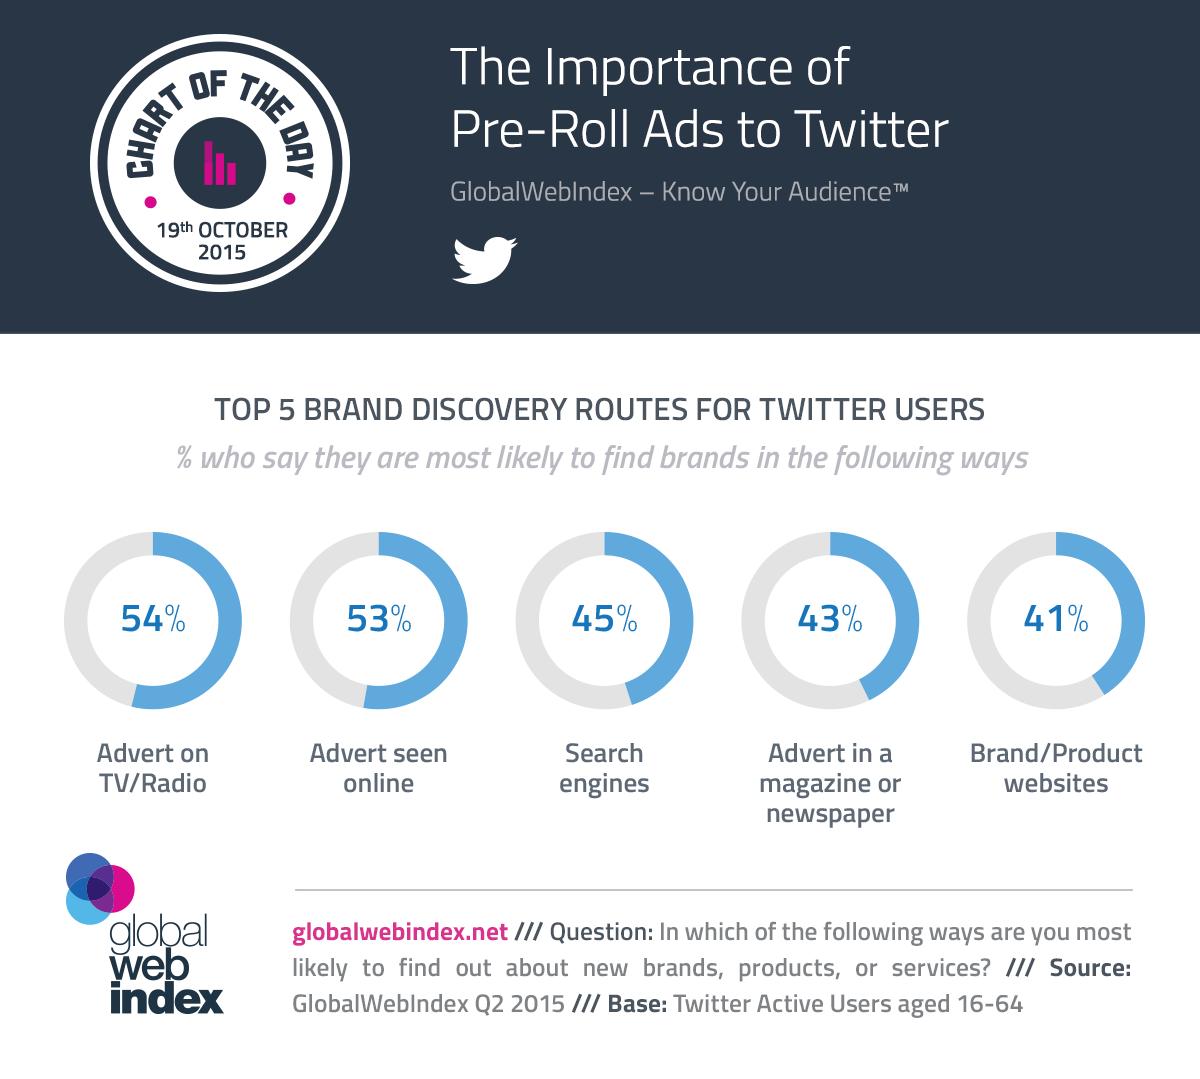 La importancia de los anuncios pre-roll para Twitter